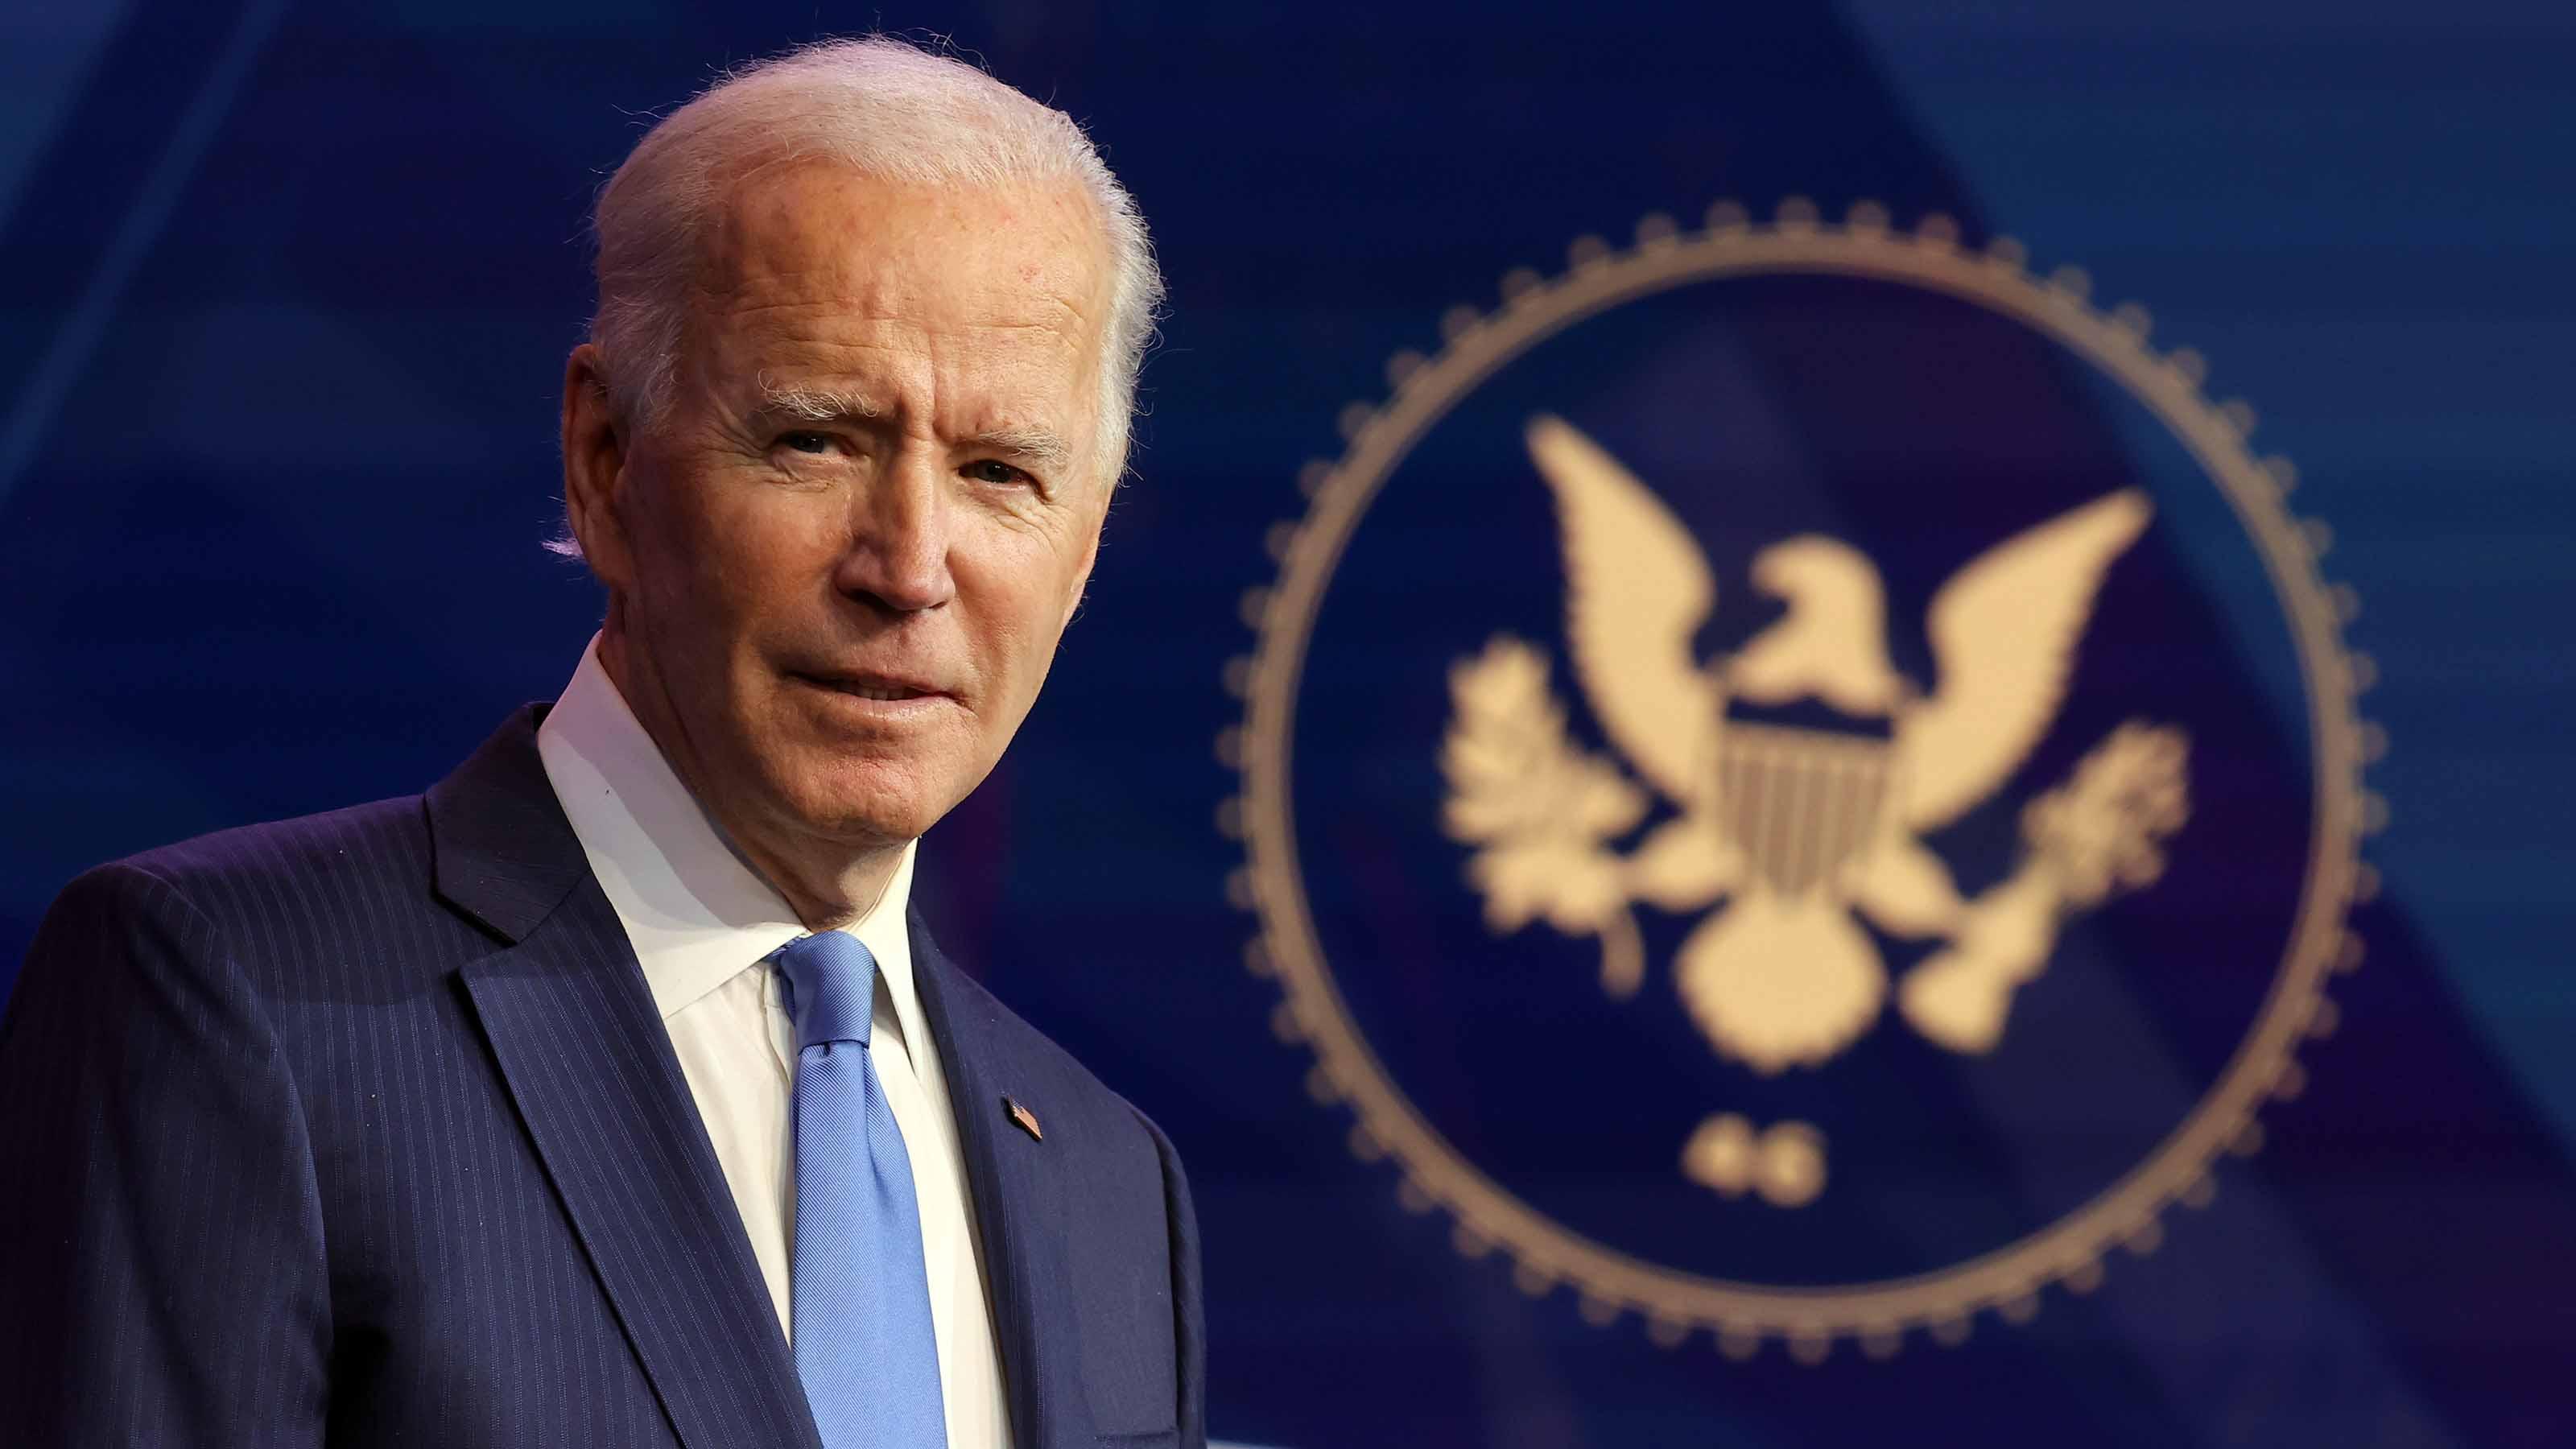 20 Best Stocks to Buy for the Joe Biden Presidency | Kiplinger